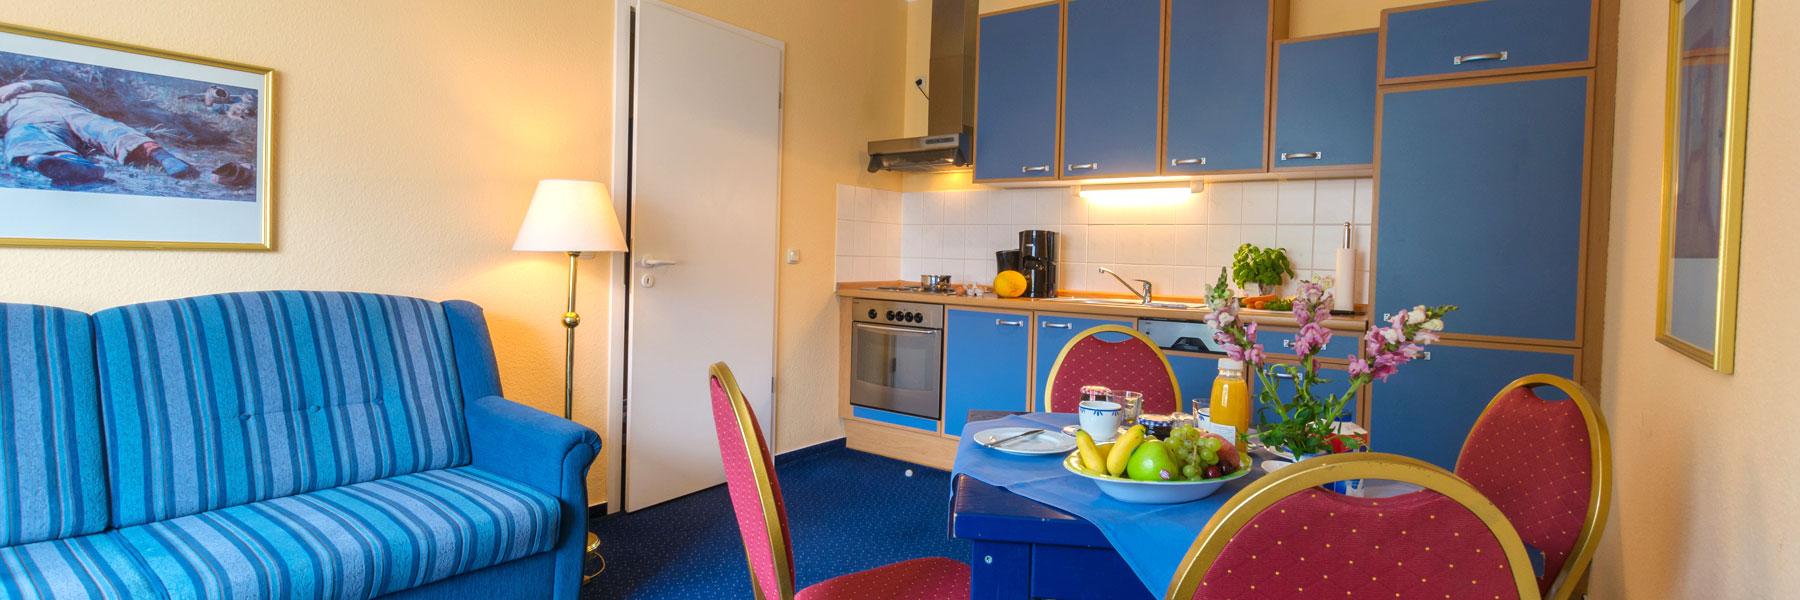 """Wohnraum mit Küche - Apartmenthaus """"Villa Norden"""""""